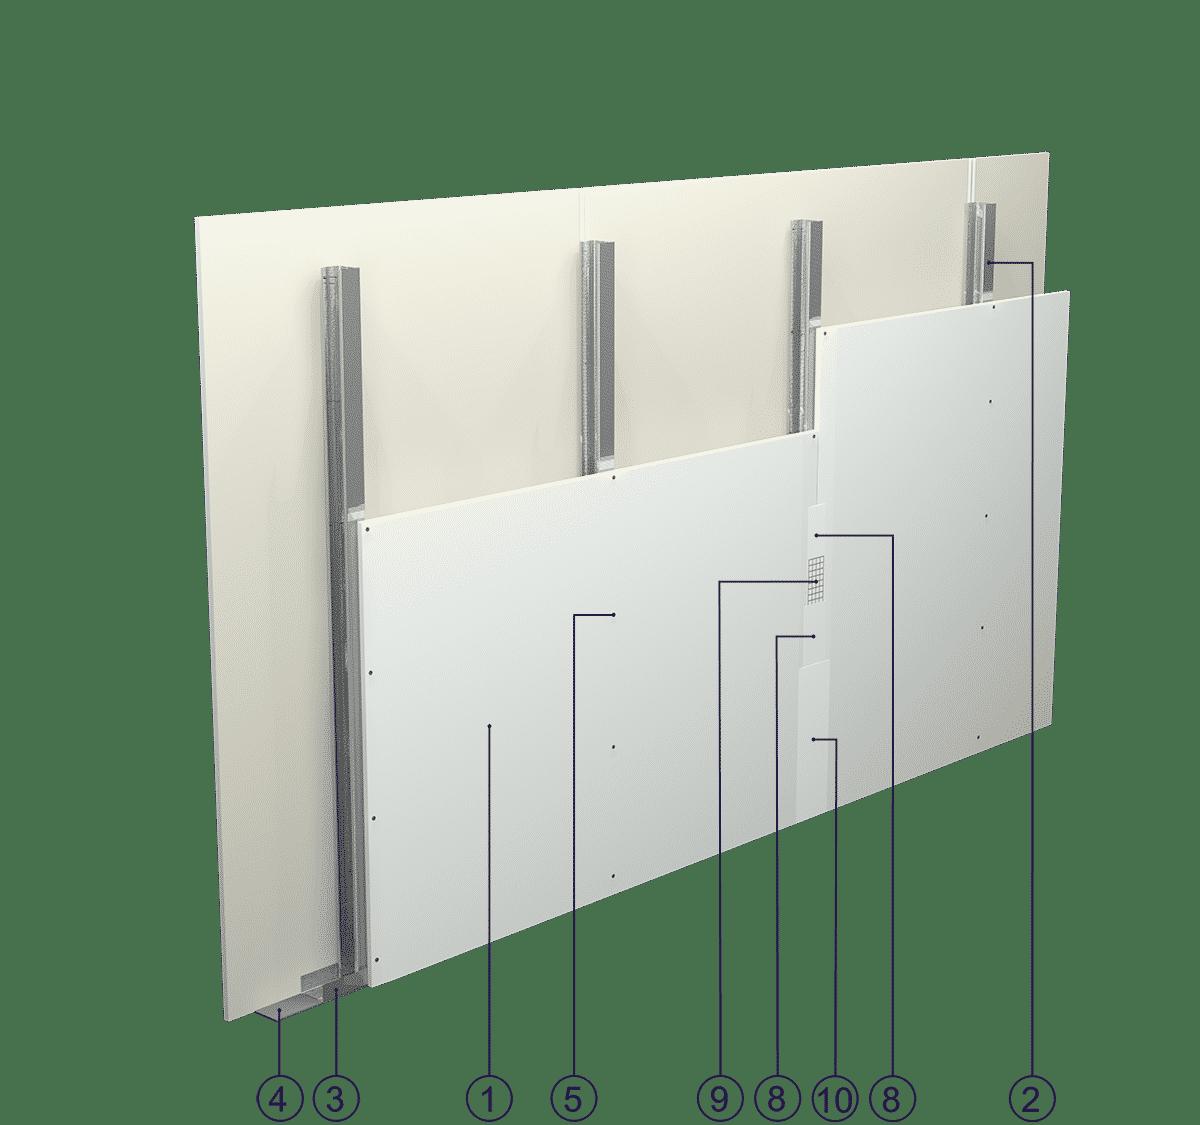 Толщина перегородки из гипсокартона: подбор правильного варианта | gipsportal какой толщины нужно делать гипсокартонные перегородки — gipsportal